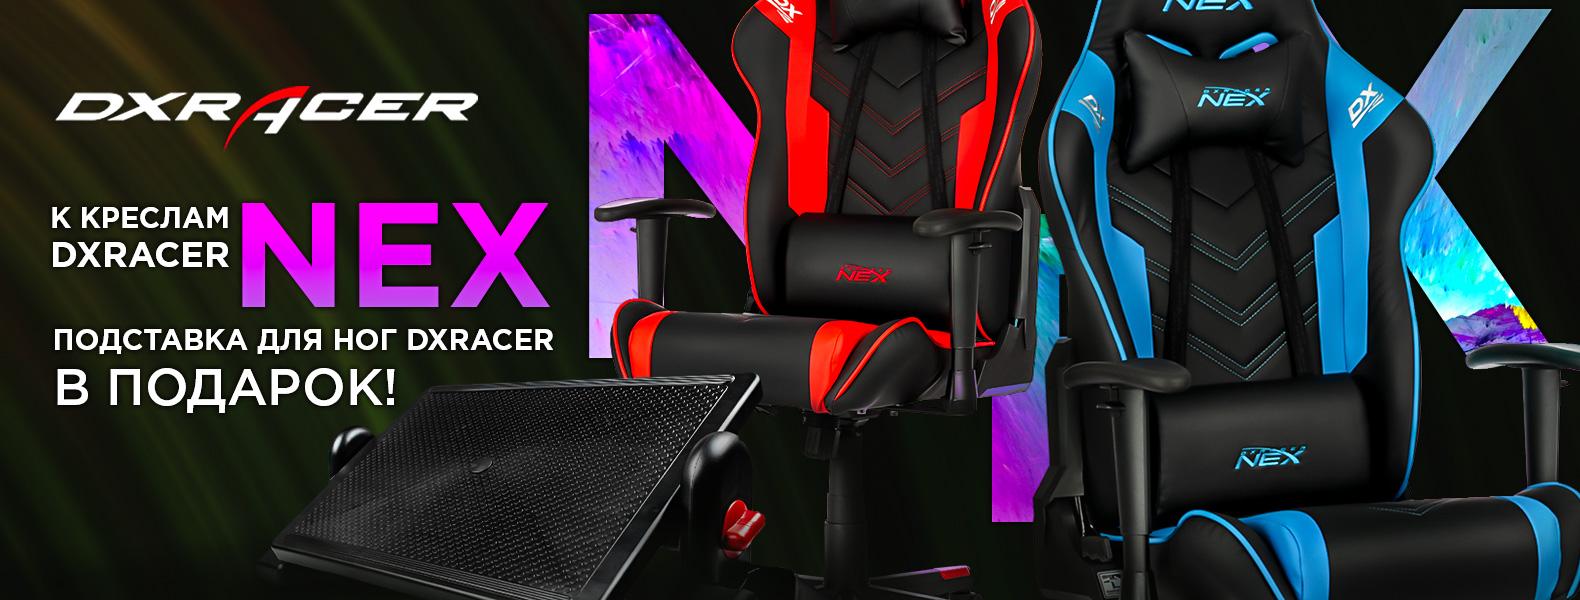 К креслам DXRacer Nex EC-O134 подставка для ног в подарок.